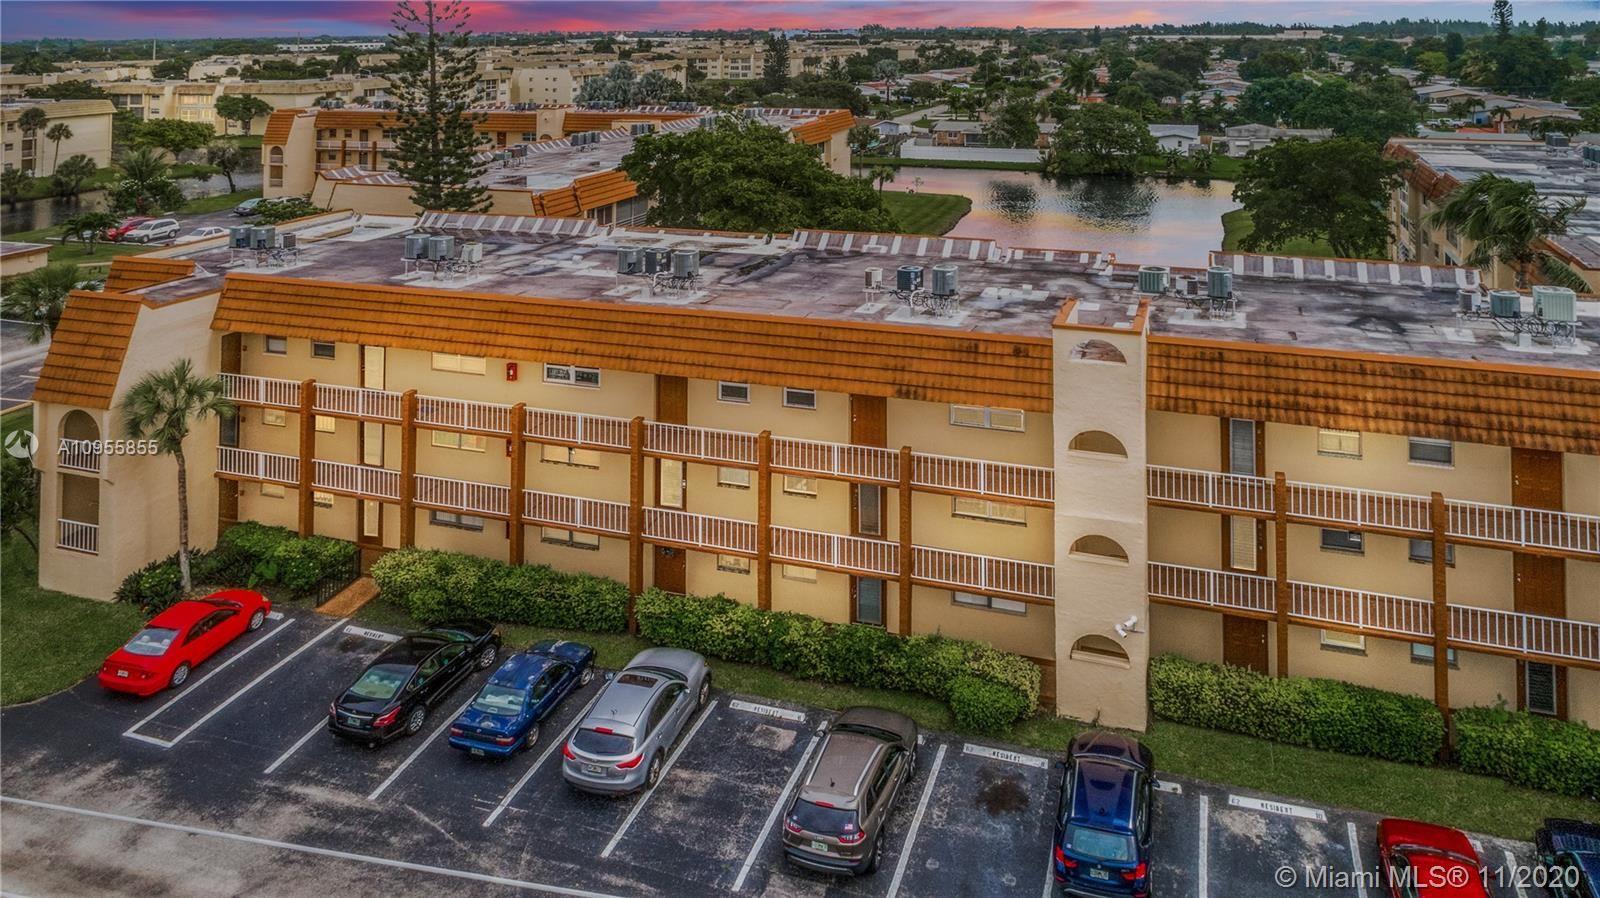 2800 N Pine Island Rd #302, Sunrise, FL 33322 - #: A10955855